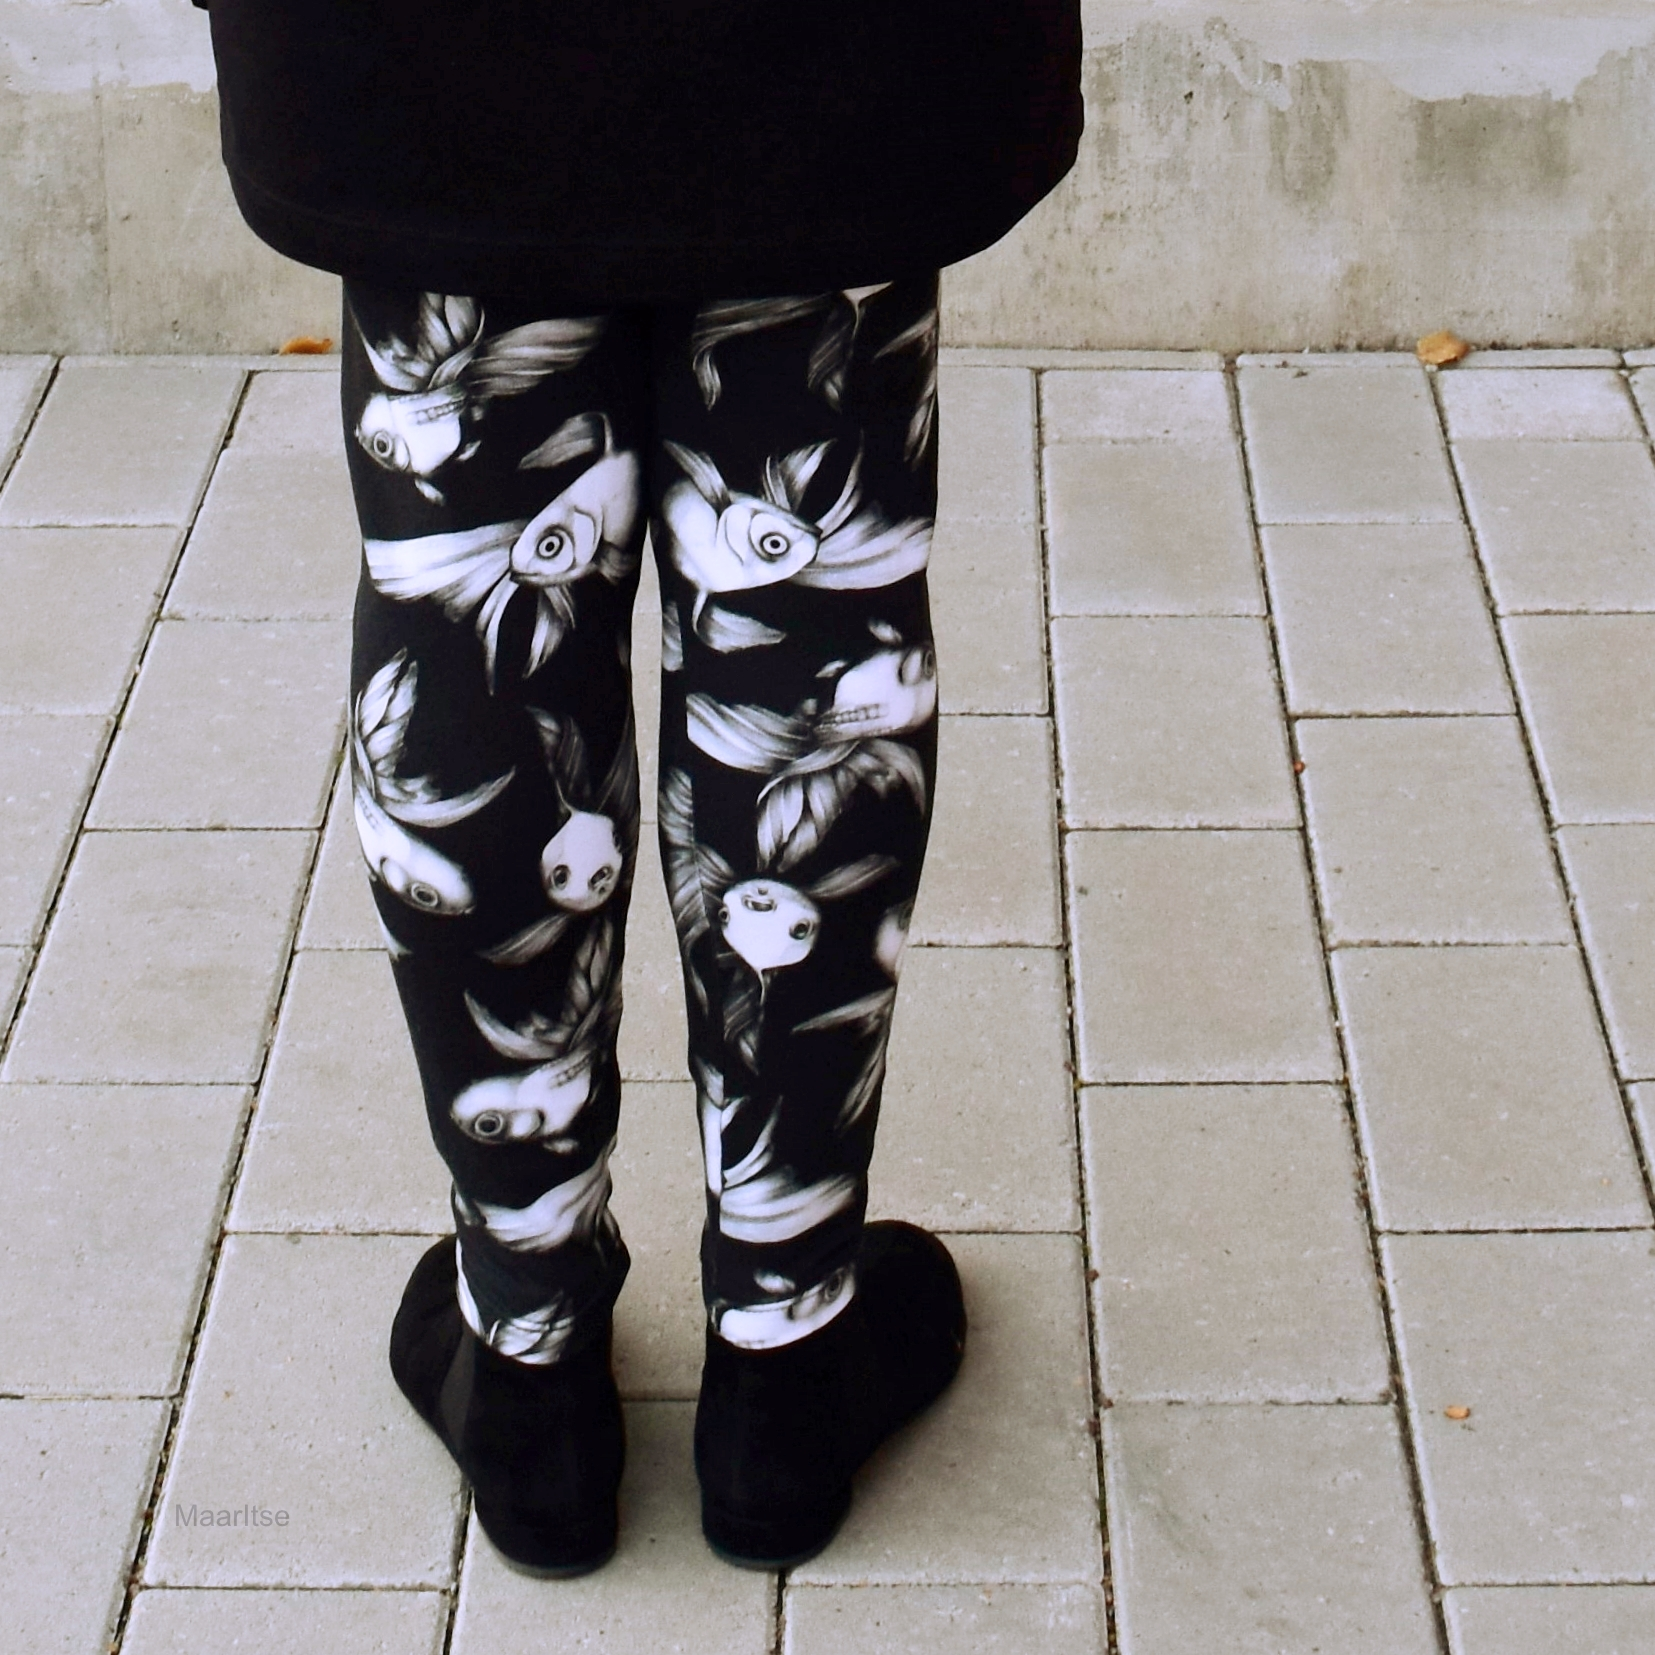 maaritse_vimman_fisuista_leggingsit